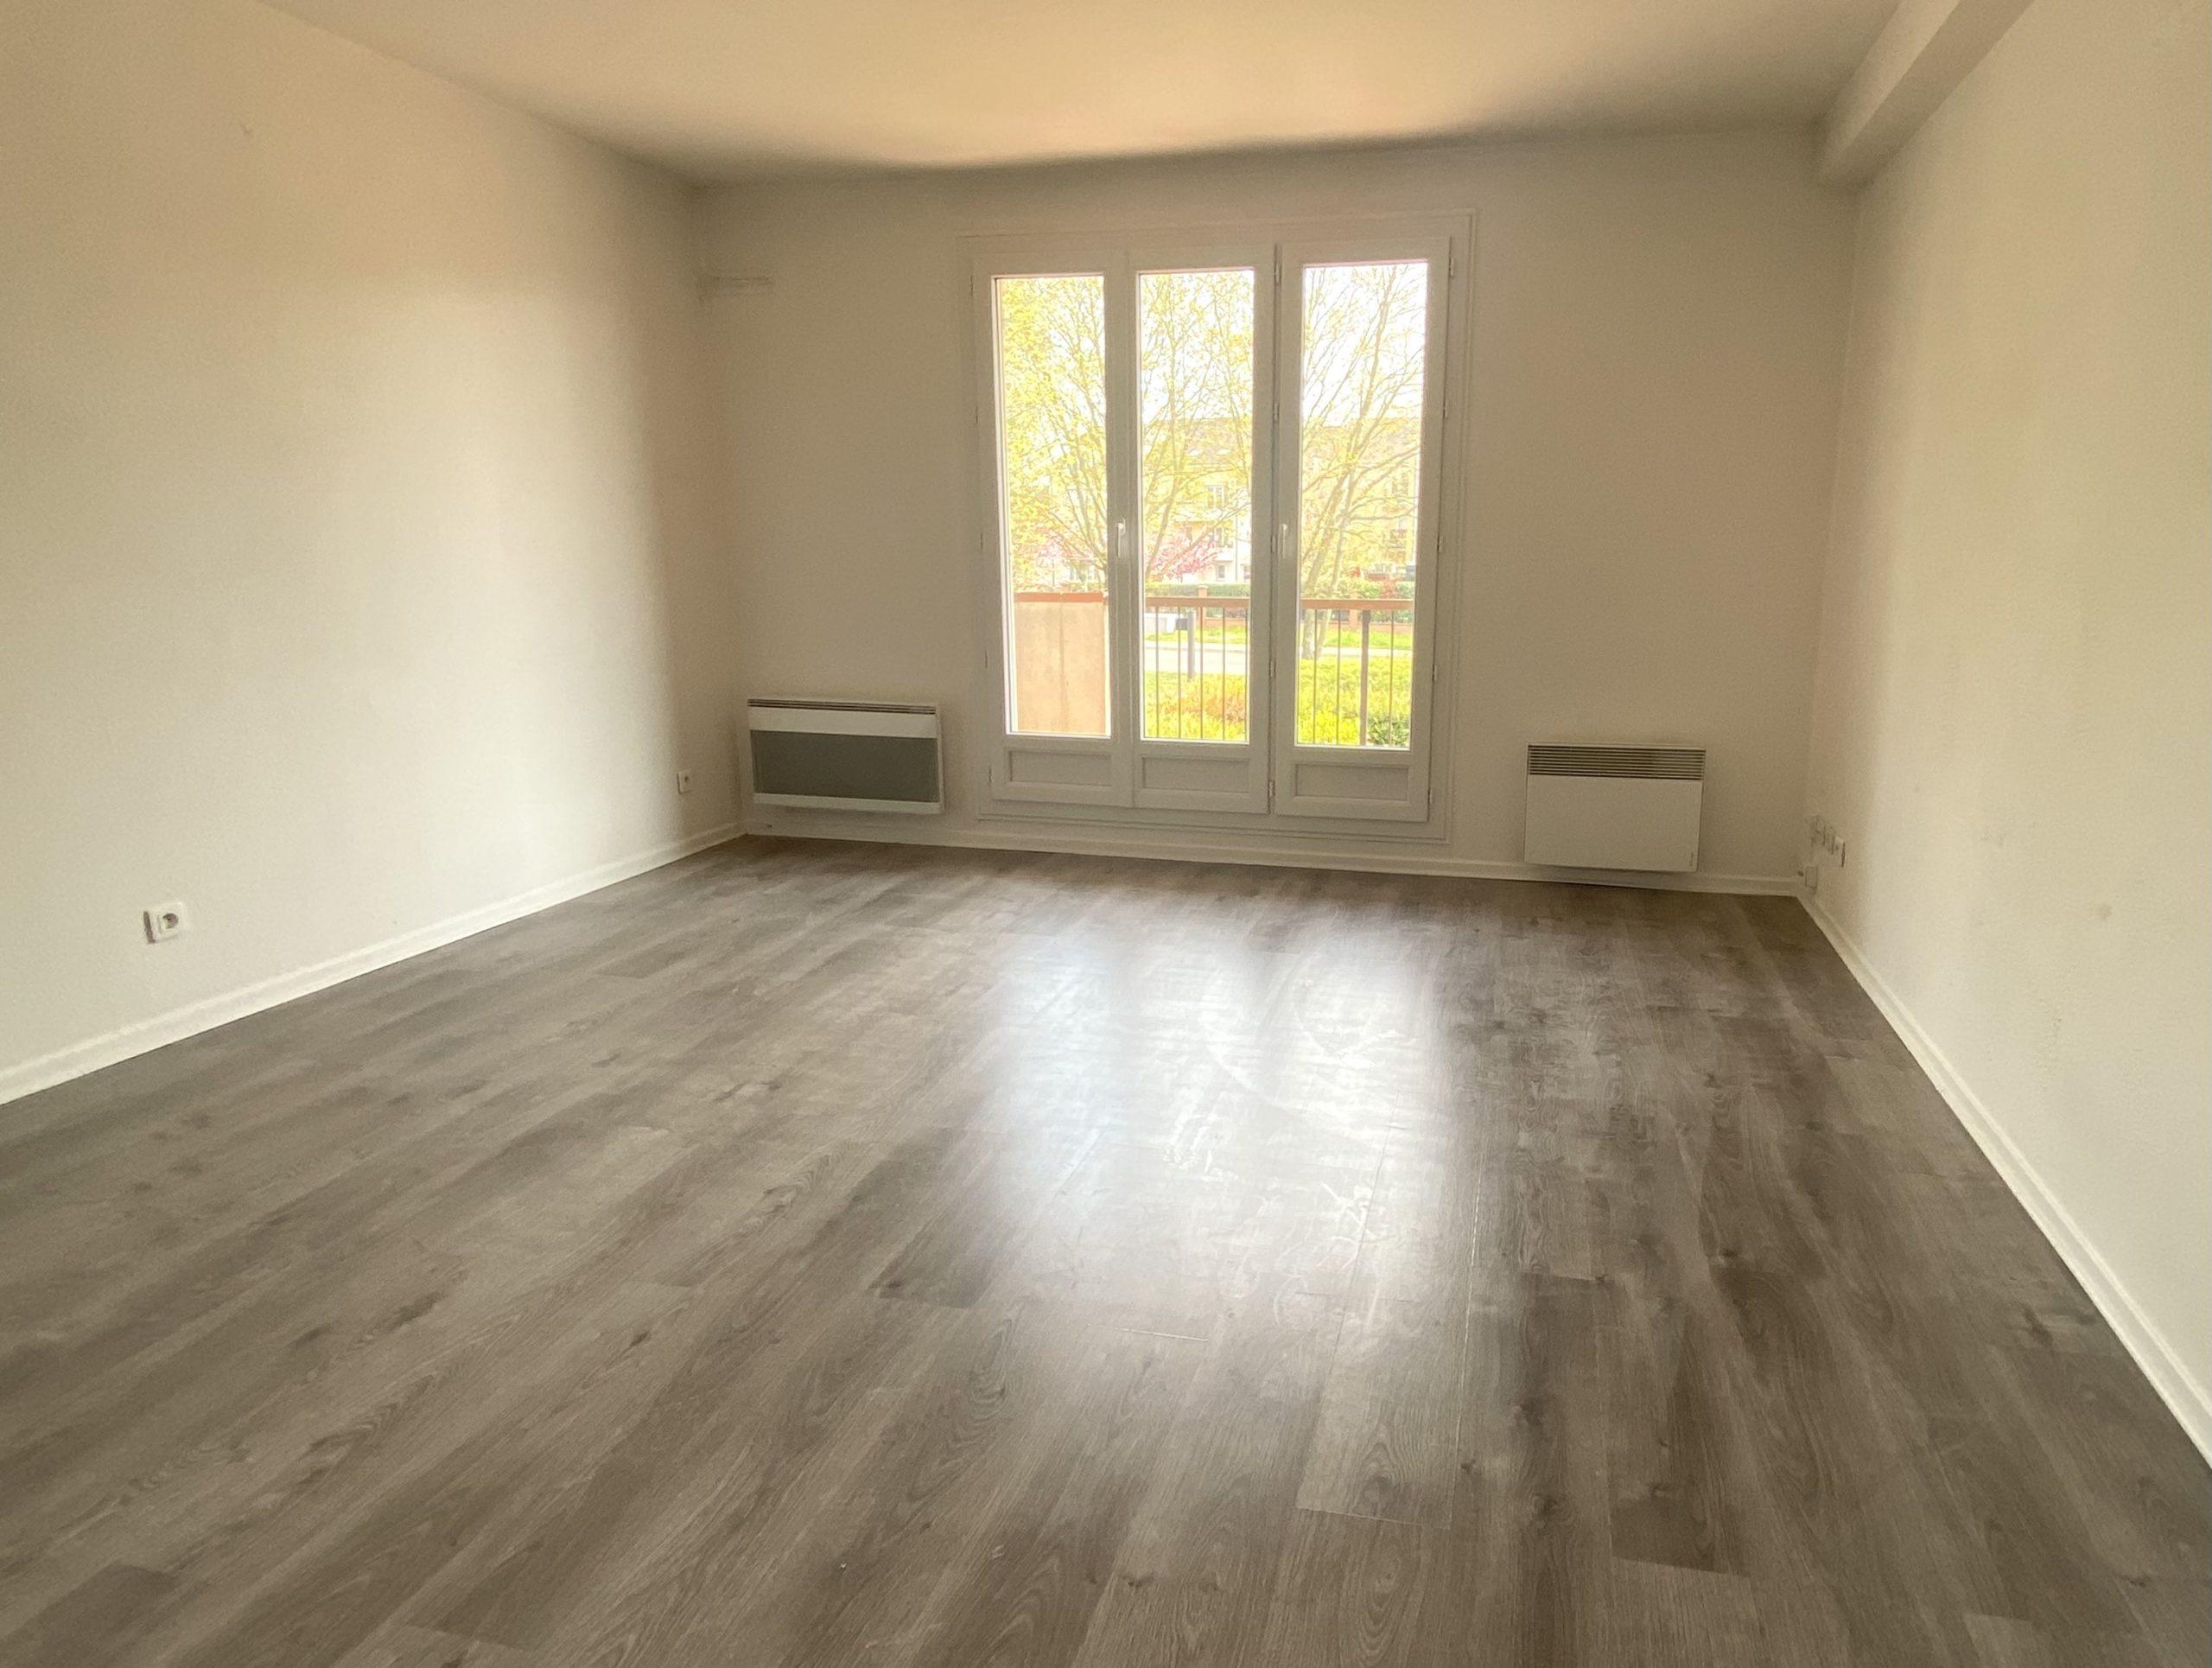 Appartement 2 pièces de 48m² à Voisins le bretonneux